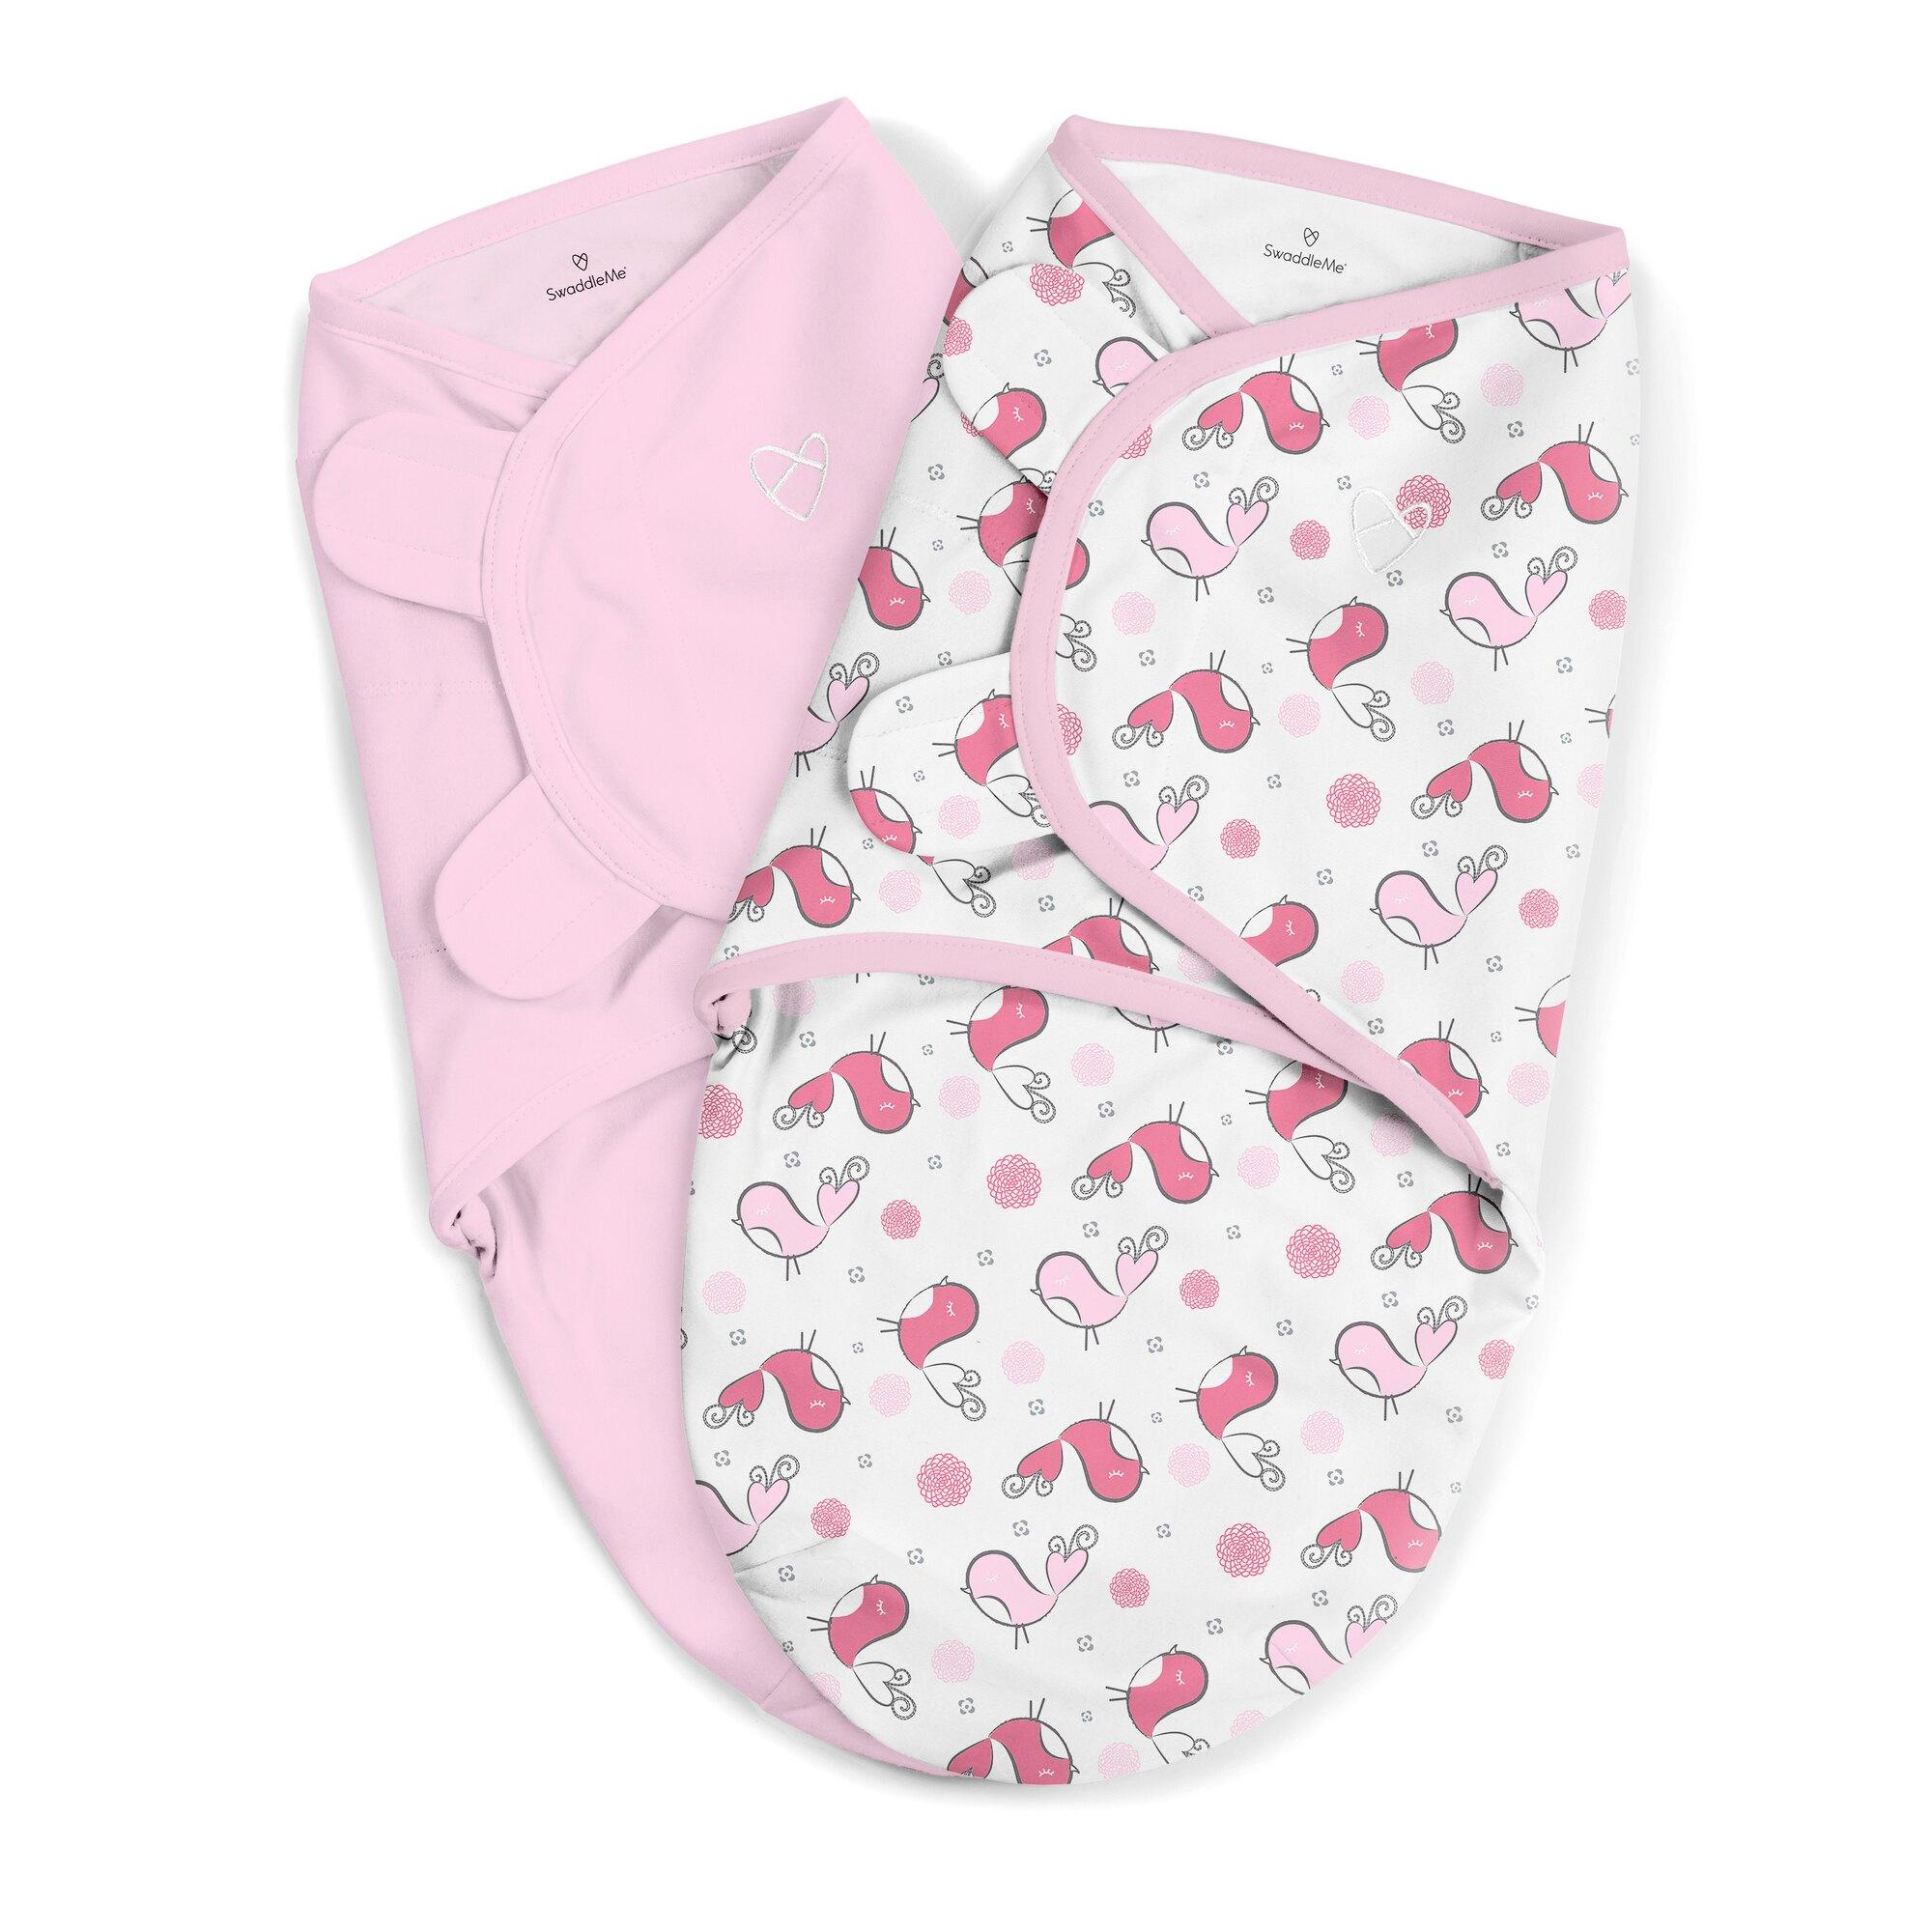 美國 Summer Infant 聰明懶人育兒包巾-浪漫粉鵲2入組